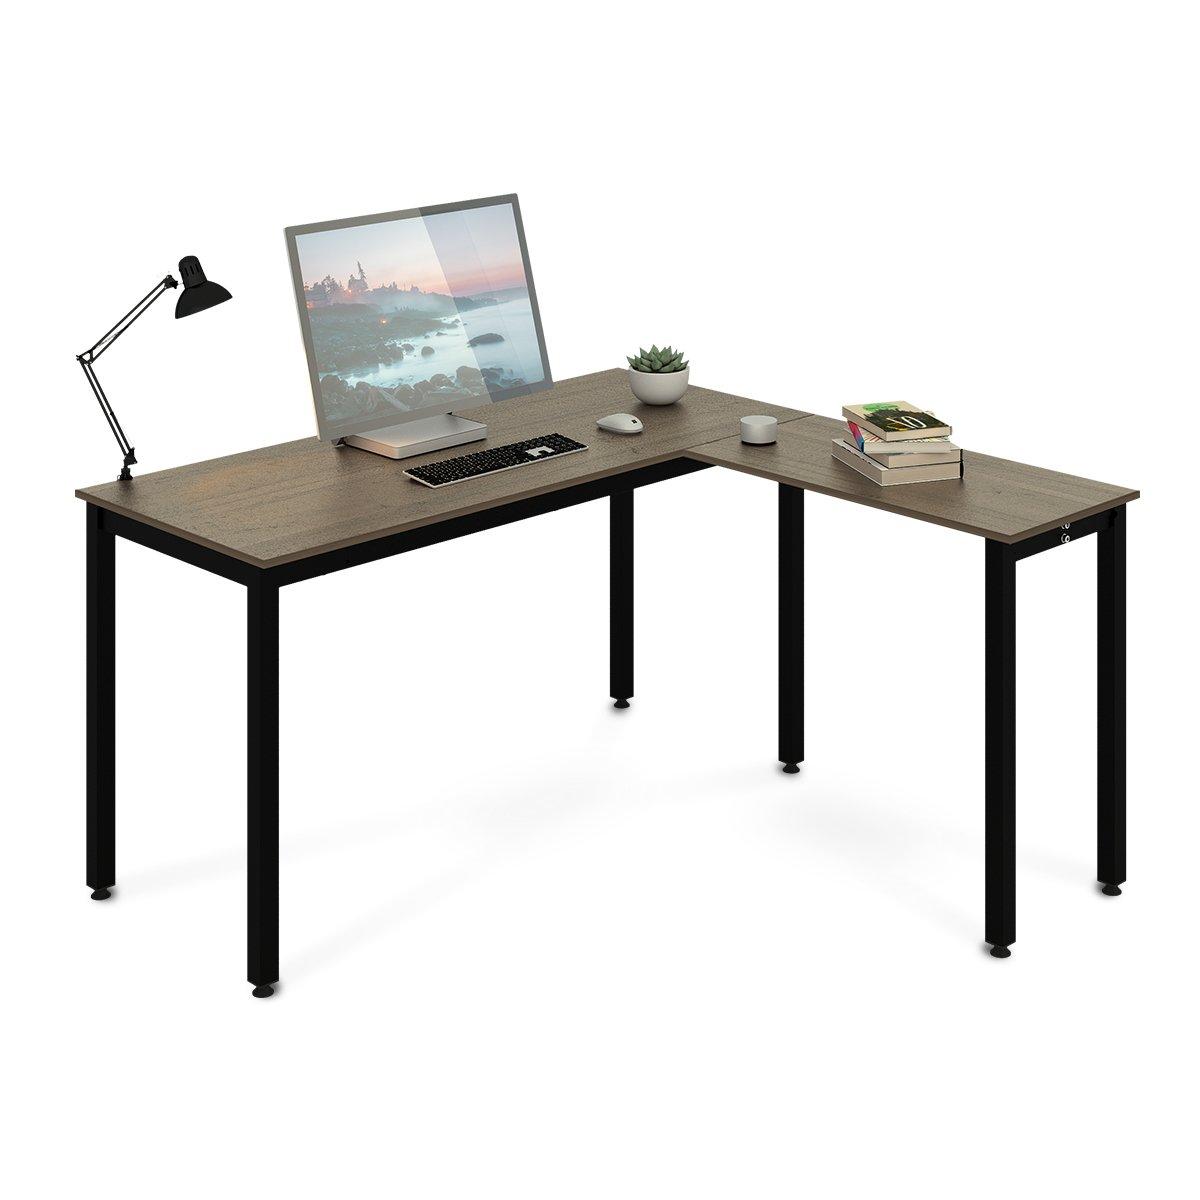 DEVAISE L-Shaped Computer Desk, Corner PC Laptop Workstation